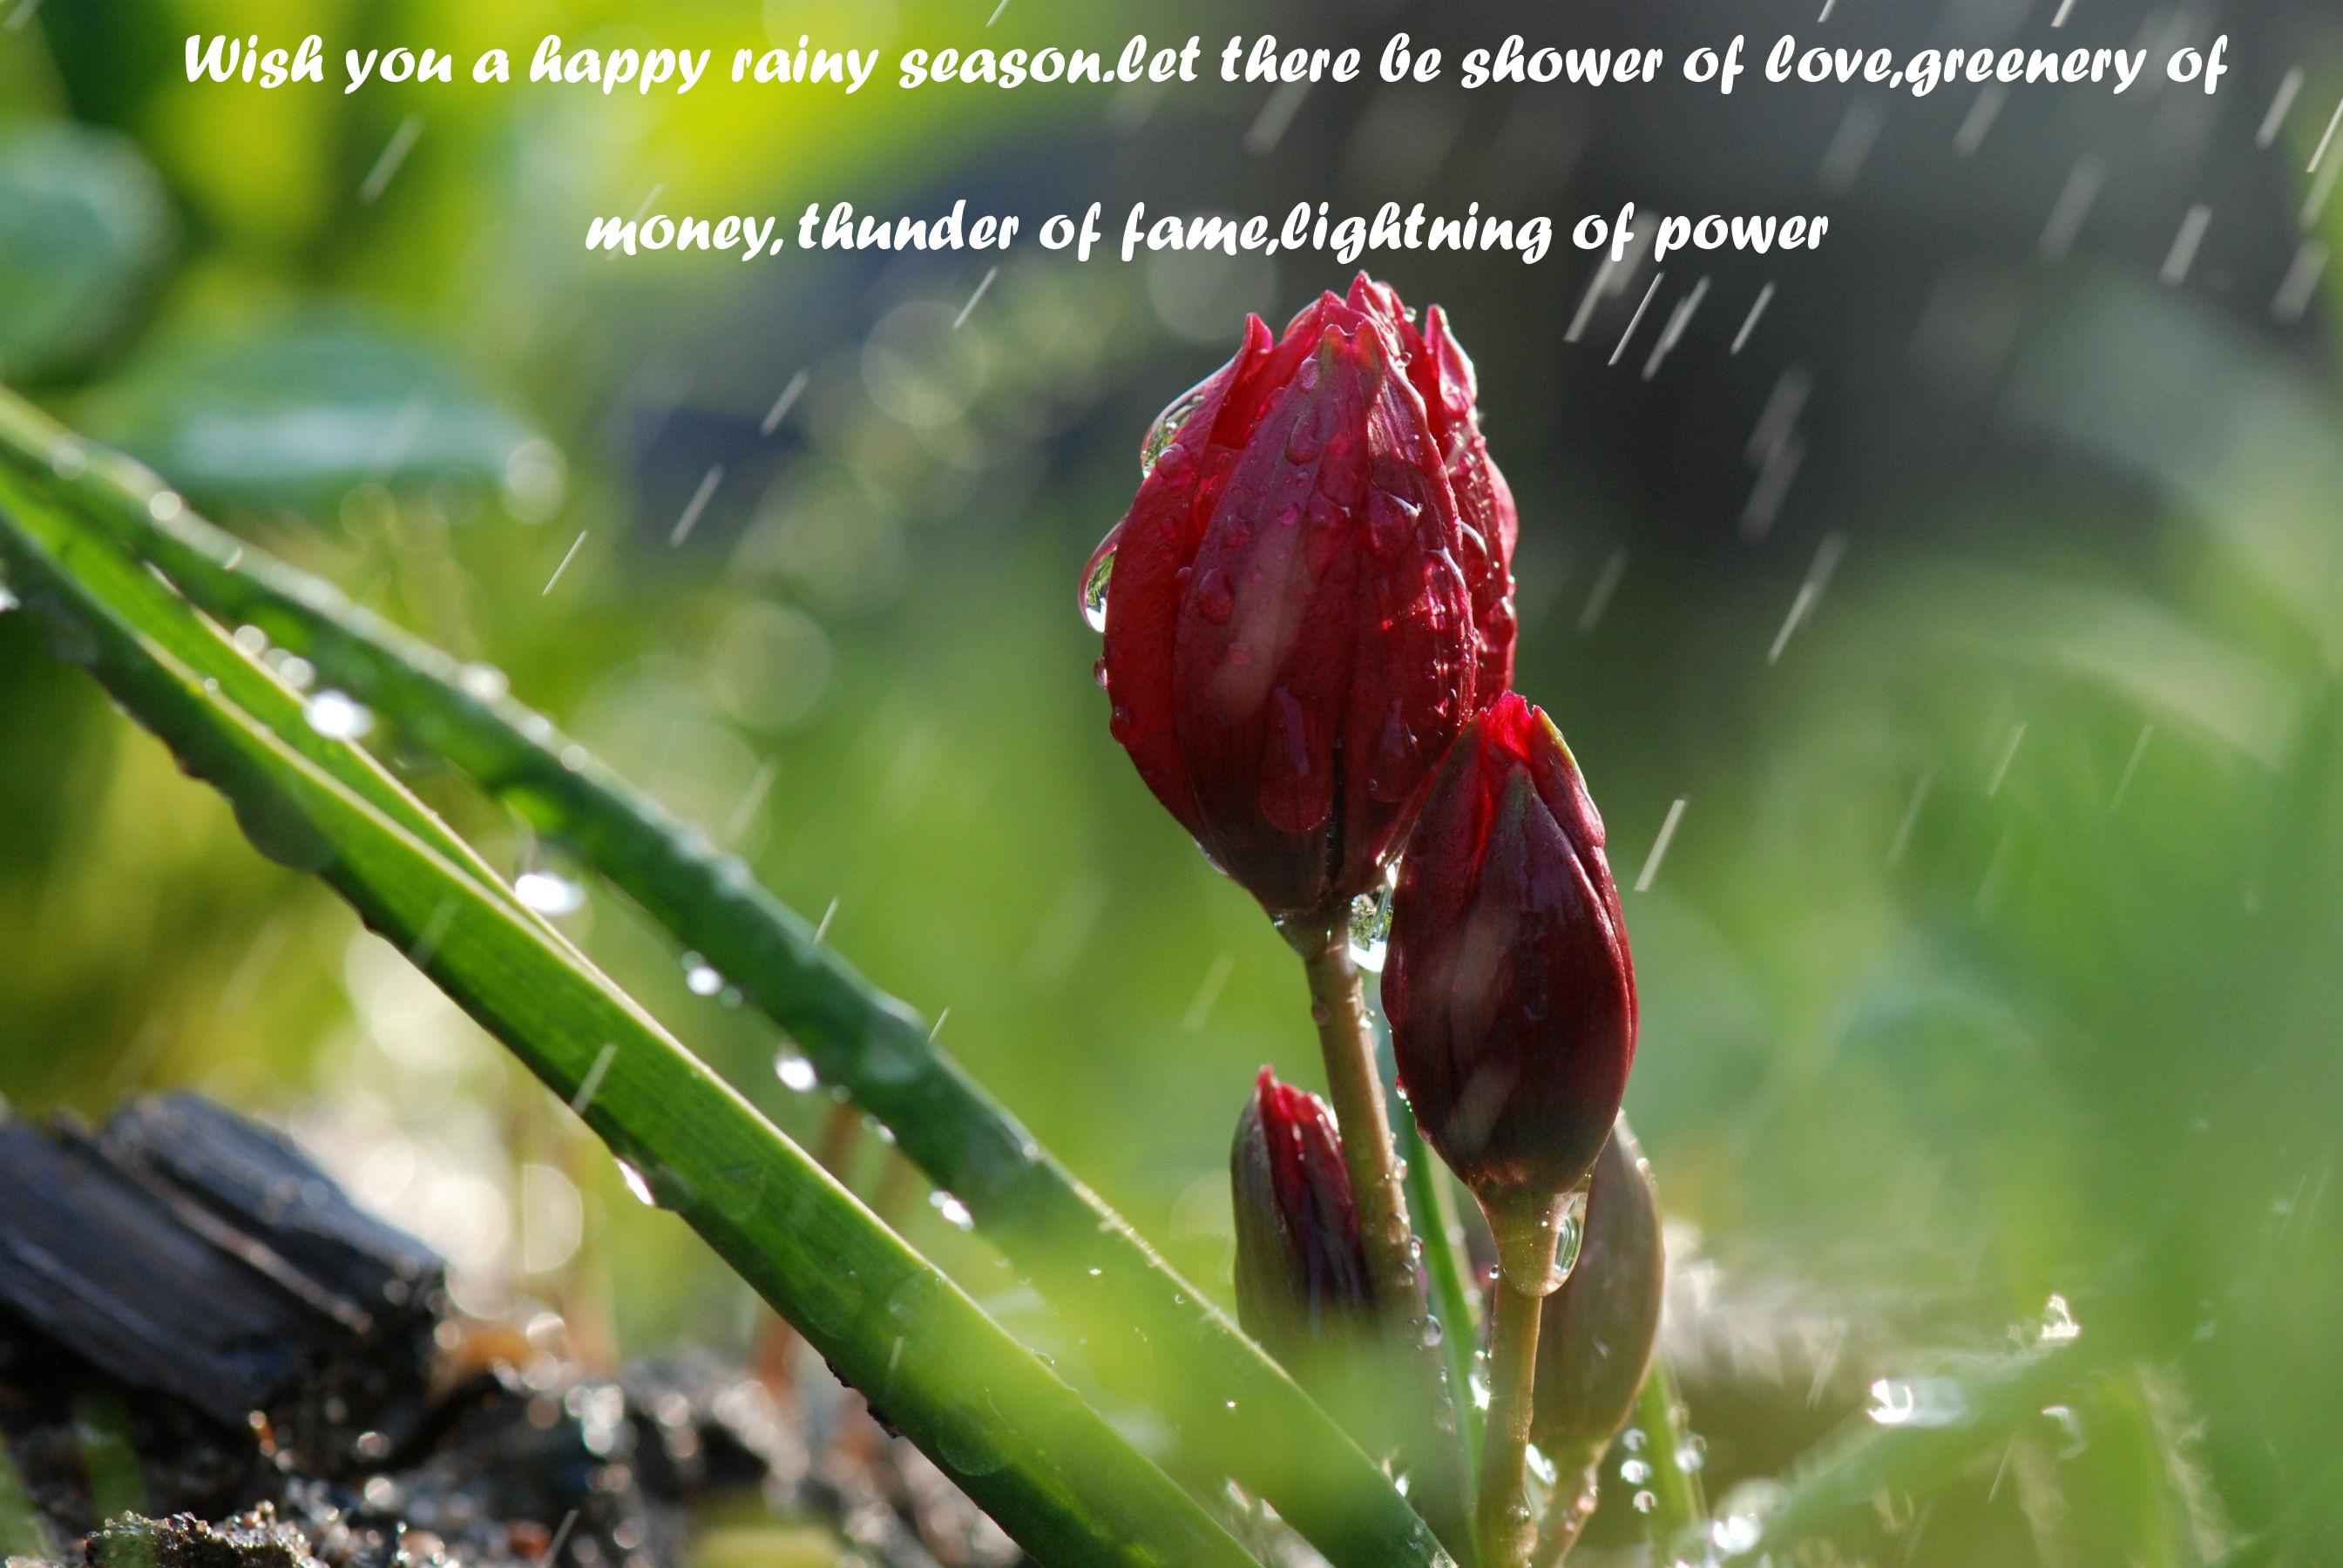 Rain Quotes For Facebook Quotesgram